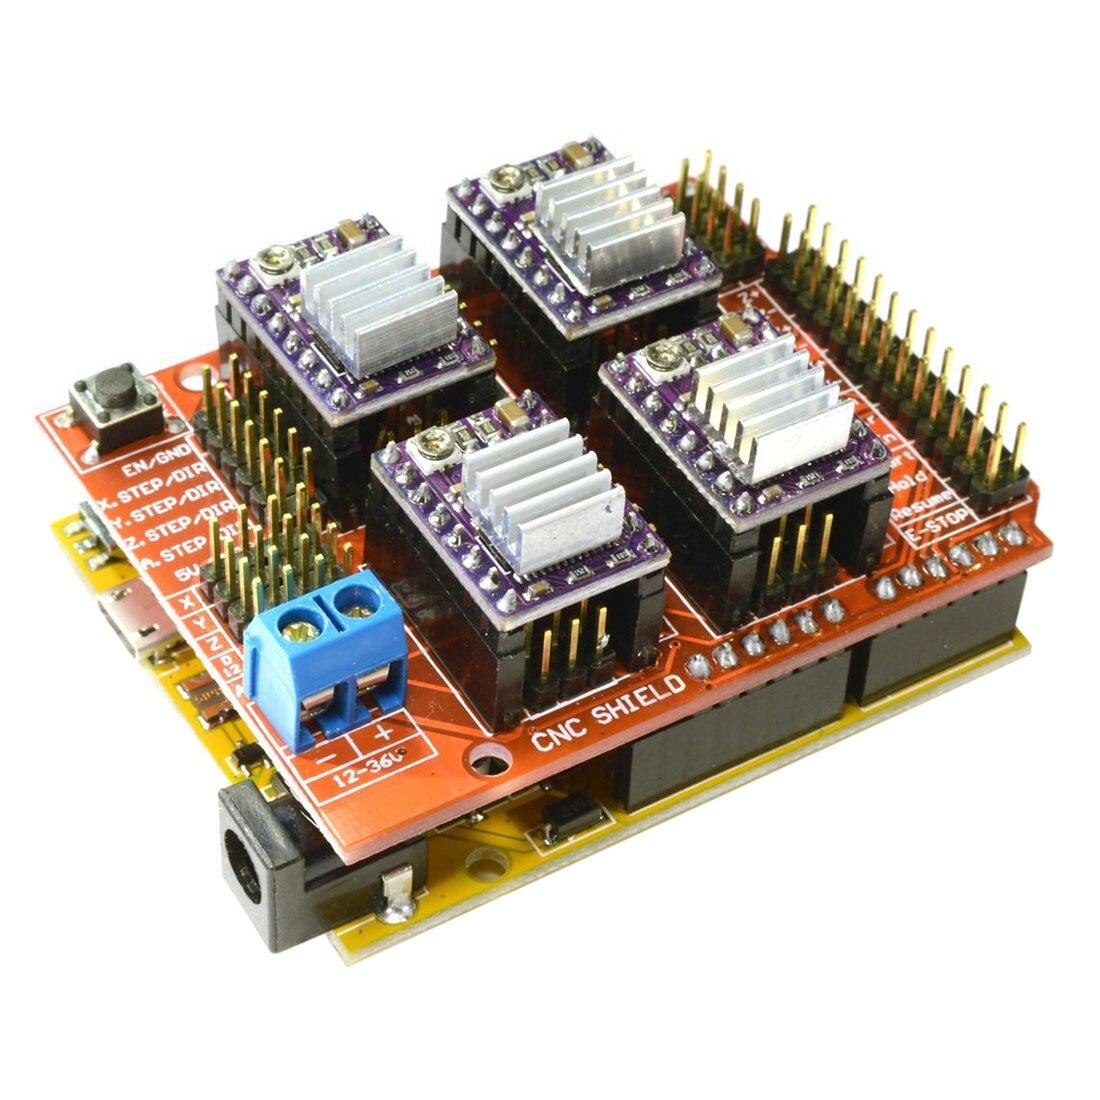 CNC V3 Shield + UNO R3 for Arduino Compatible Board + 4x TI DRV8825 StepStick Stepper Drivers Red+purple